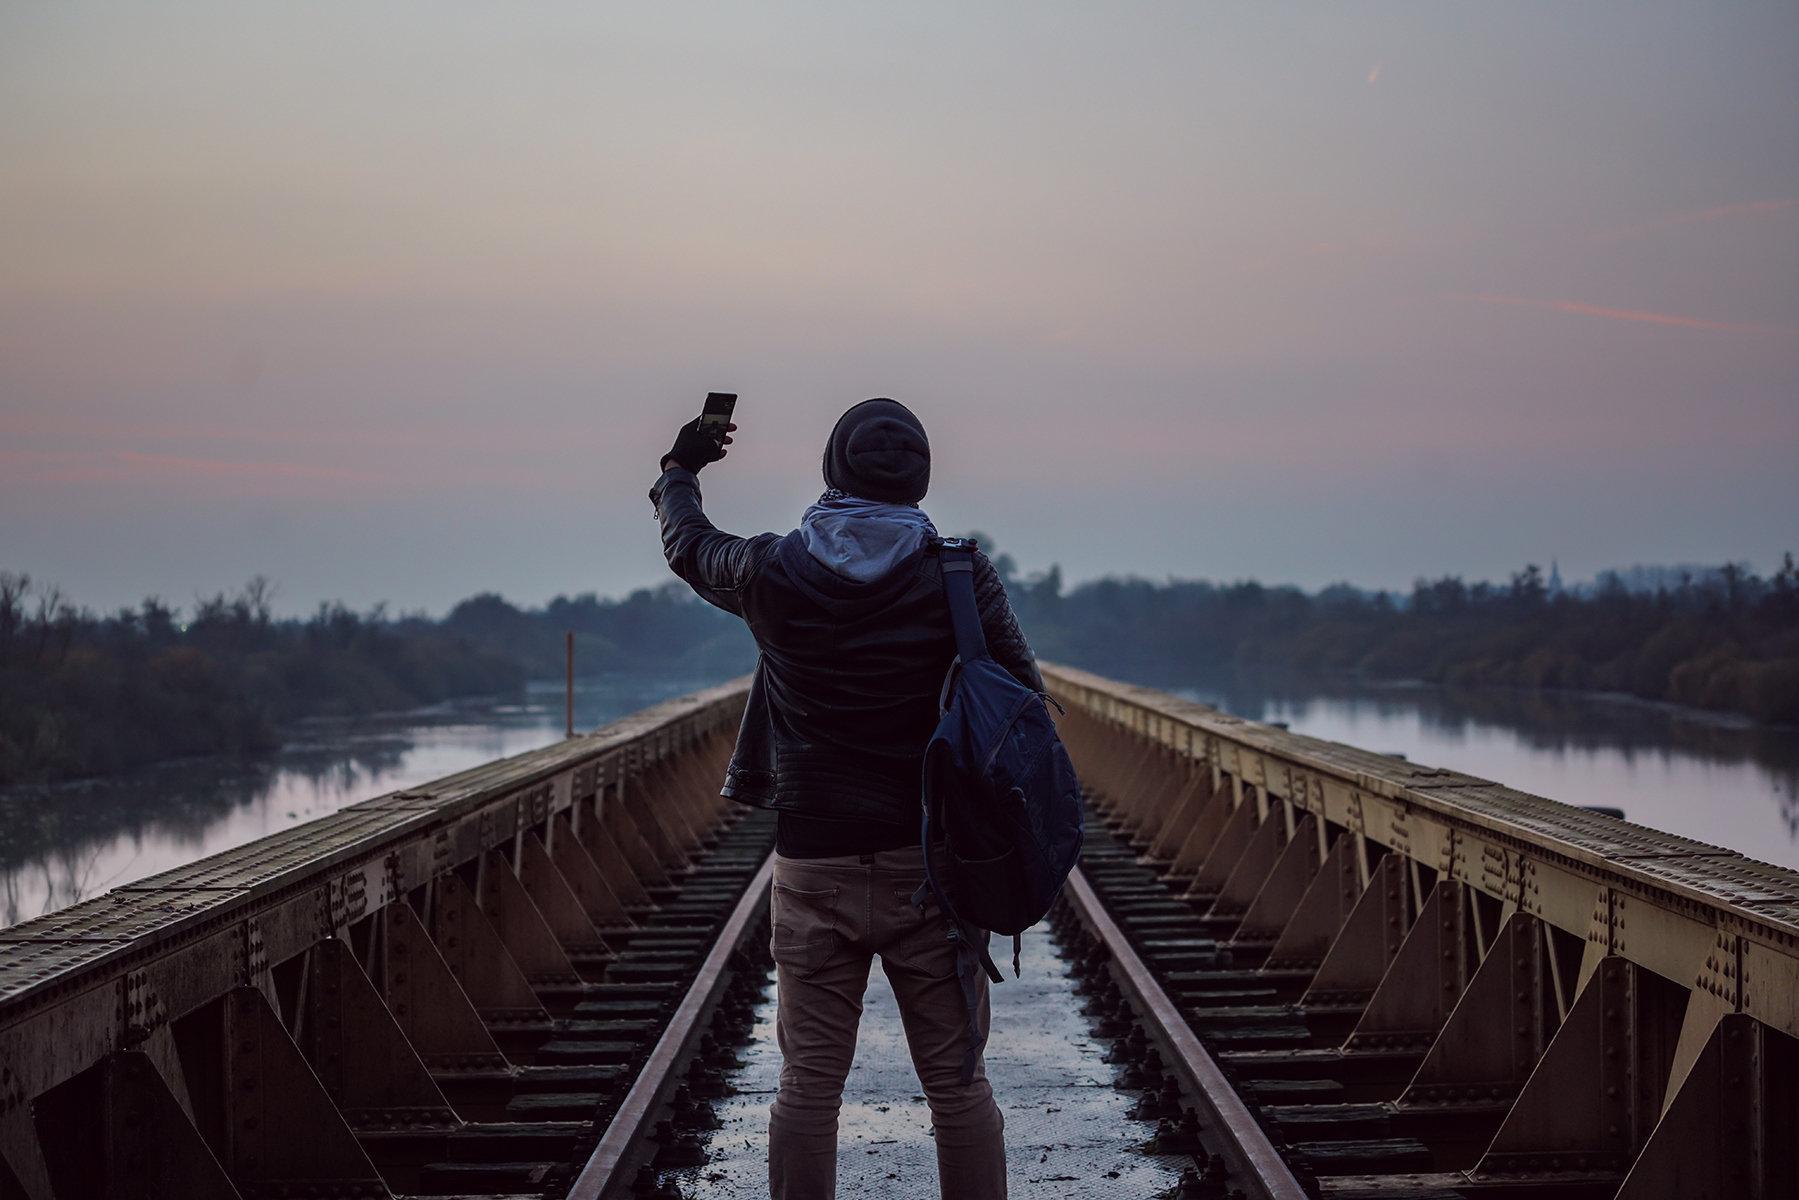 Θα αντέξετε να δείτε το βίντεο; Αυτή είναι η πιο επικίνδυνη selfie που τραβήχτηκε